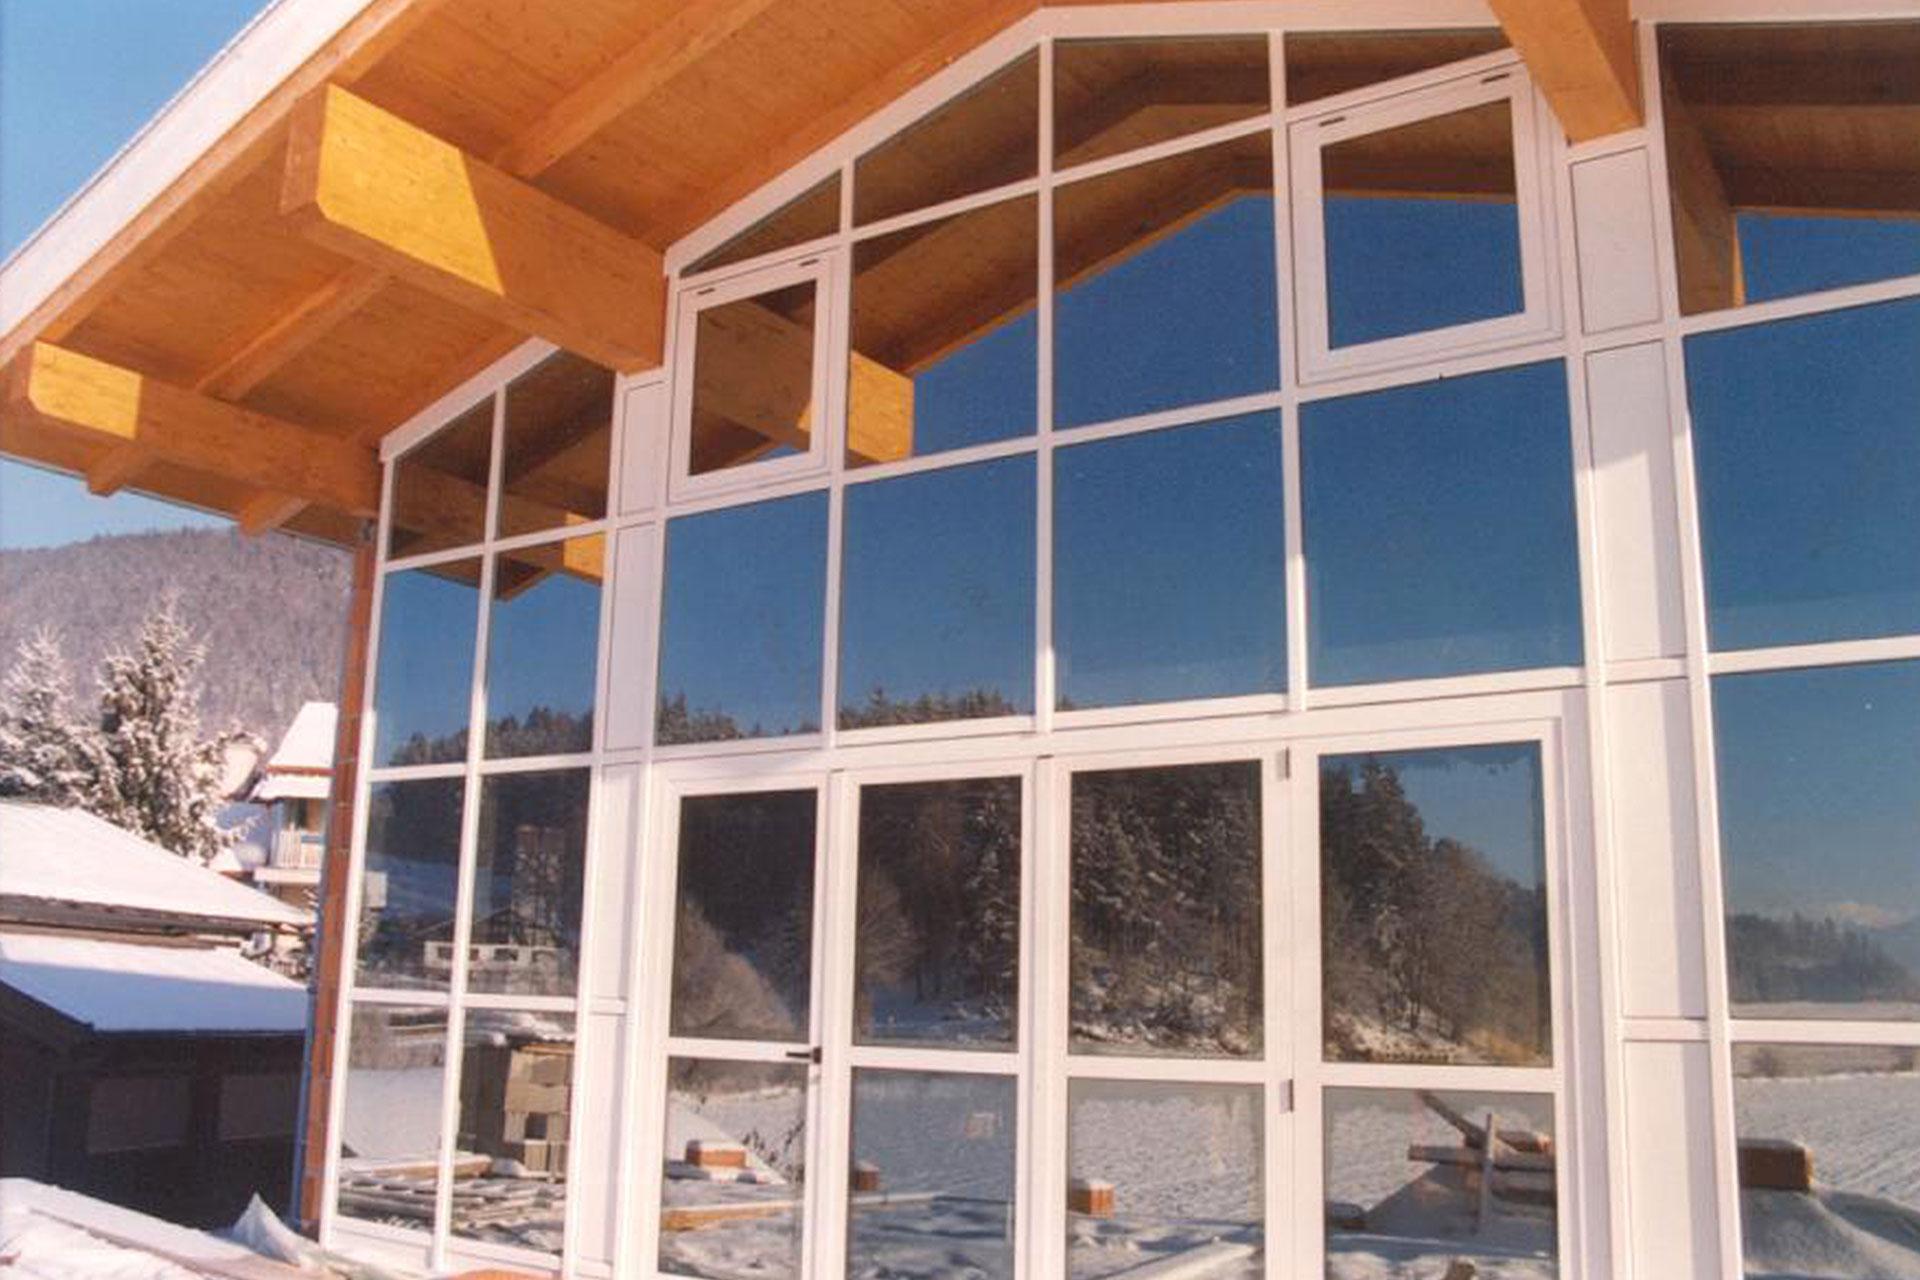 Giardino d'inverno winter garden serramenti alluminio taglio termico montagna